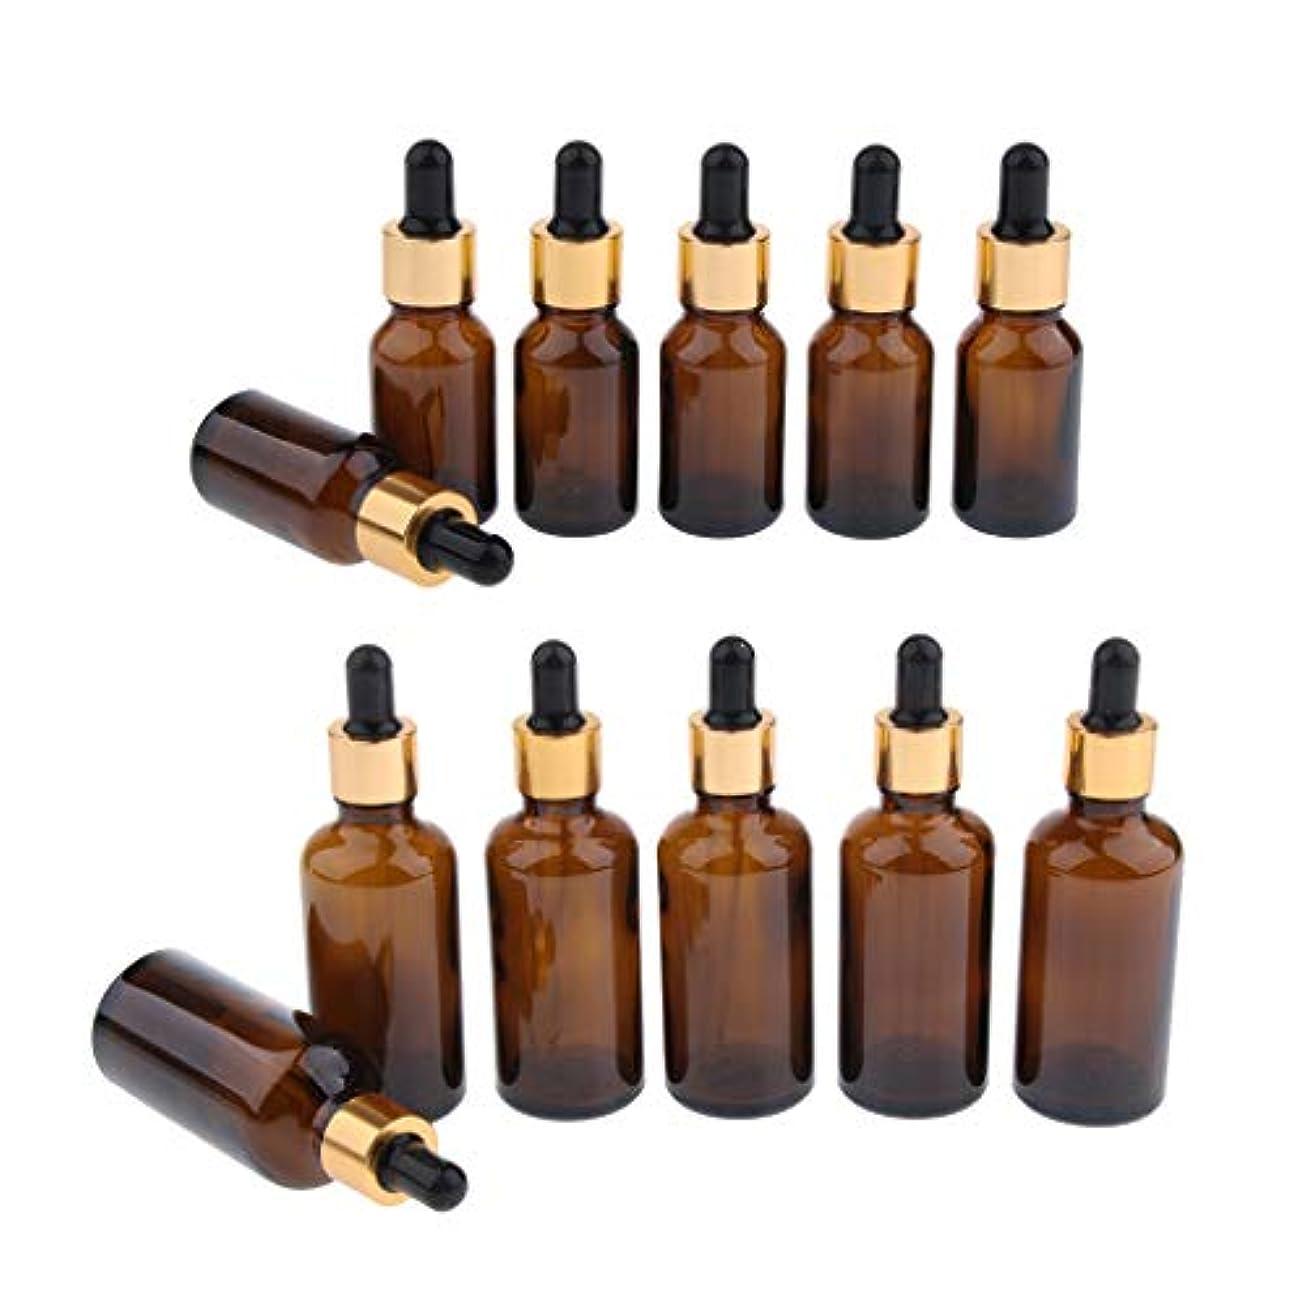 メンダシティセグメント自由約12本 ドロッパーボトル エッセンシャルオイル コスメ 詰替え容器 茶色